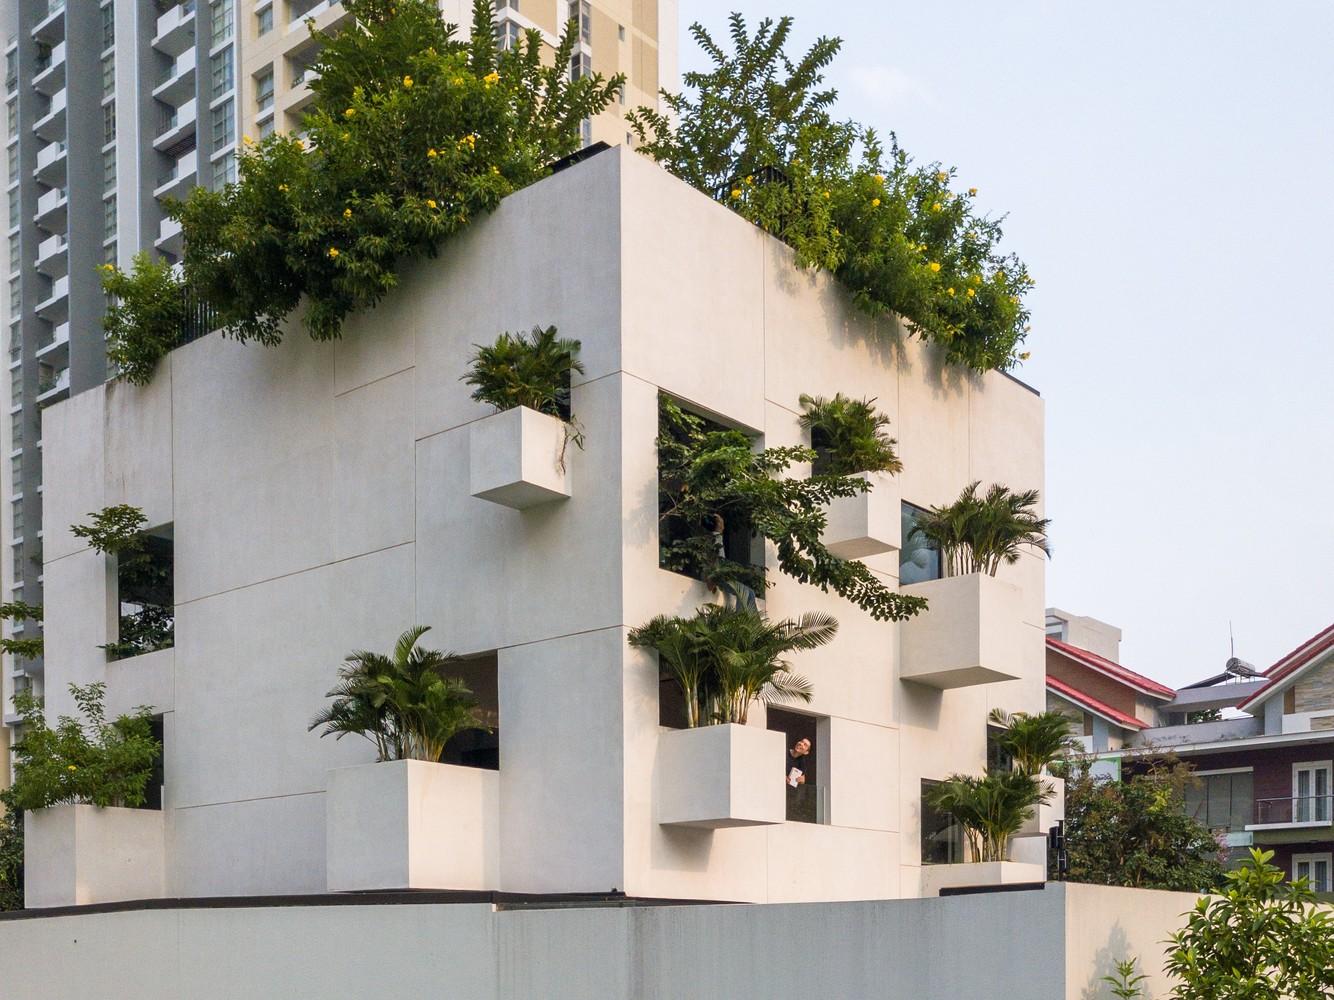 Các xu hướng kiến trúc mới mẻ và nổi bật trên thế giới - Ảnh 30.